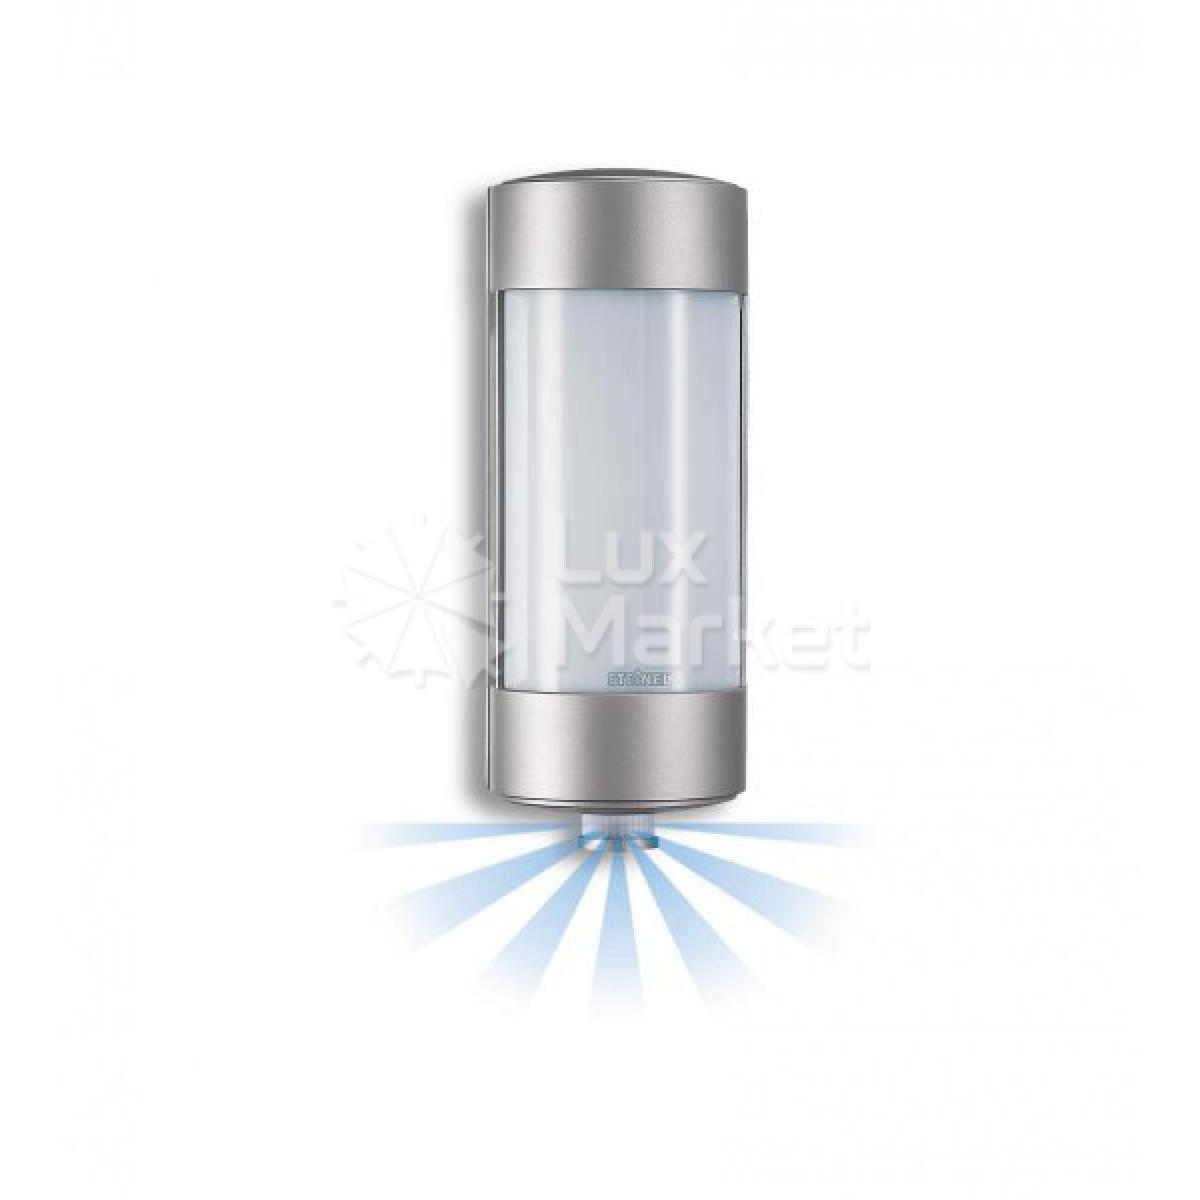 lampa L271S, oświetlenie zewnętrzne